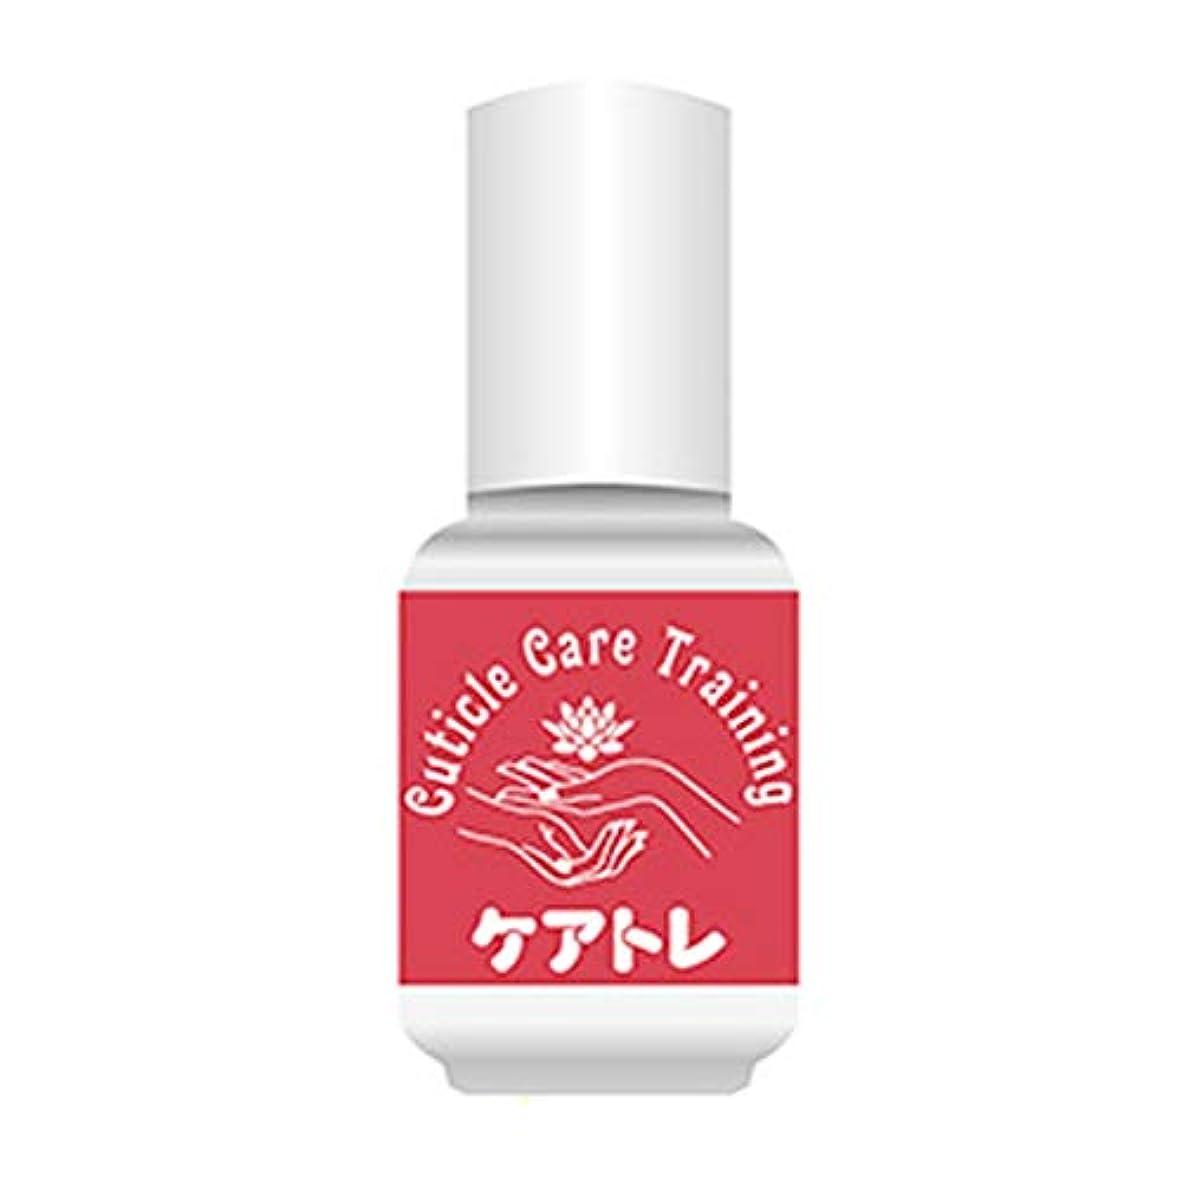 サラミ休戦電報Cuticle Care Training ケアトレ 10ml